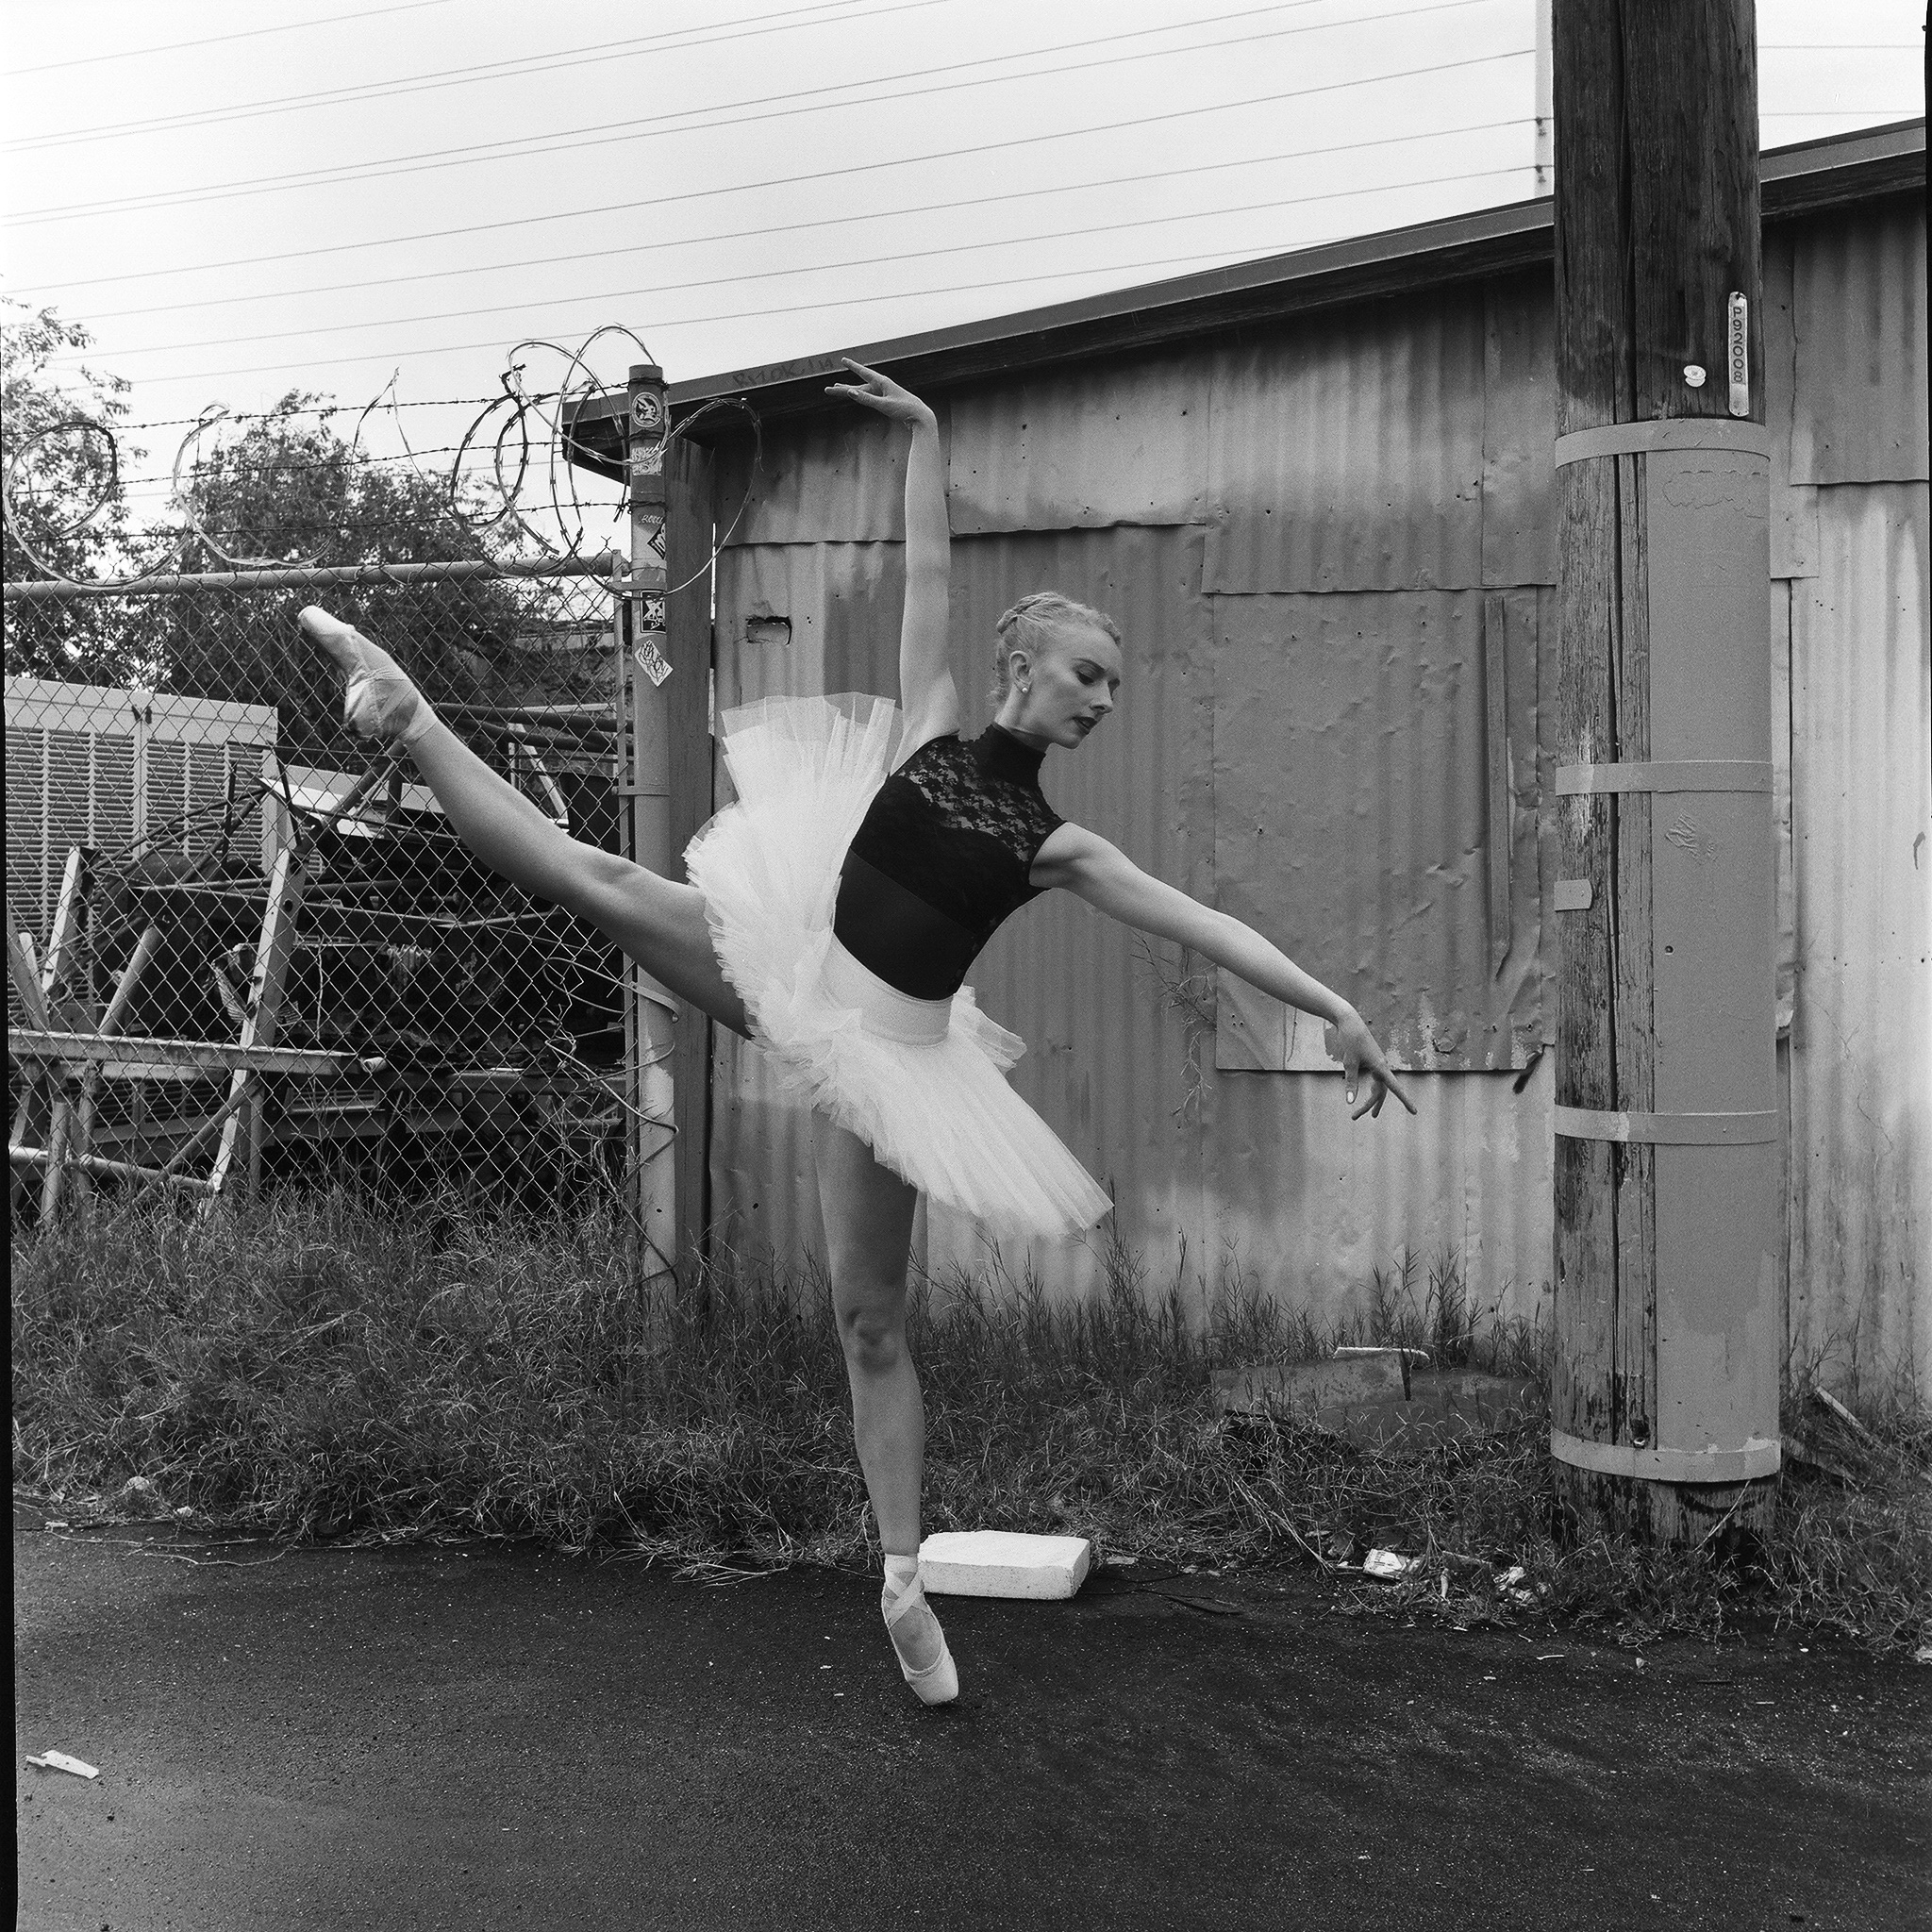 Feat.: Caroline M.  Equipment: Yashica 124G w/ Yashinon 3.5/75  Film: Kodak Tri-X 400/120